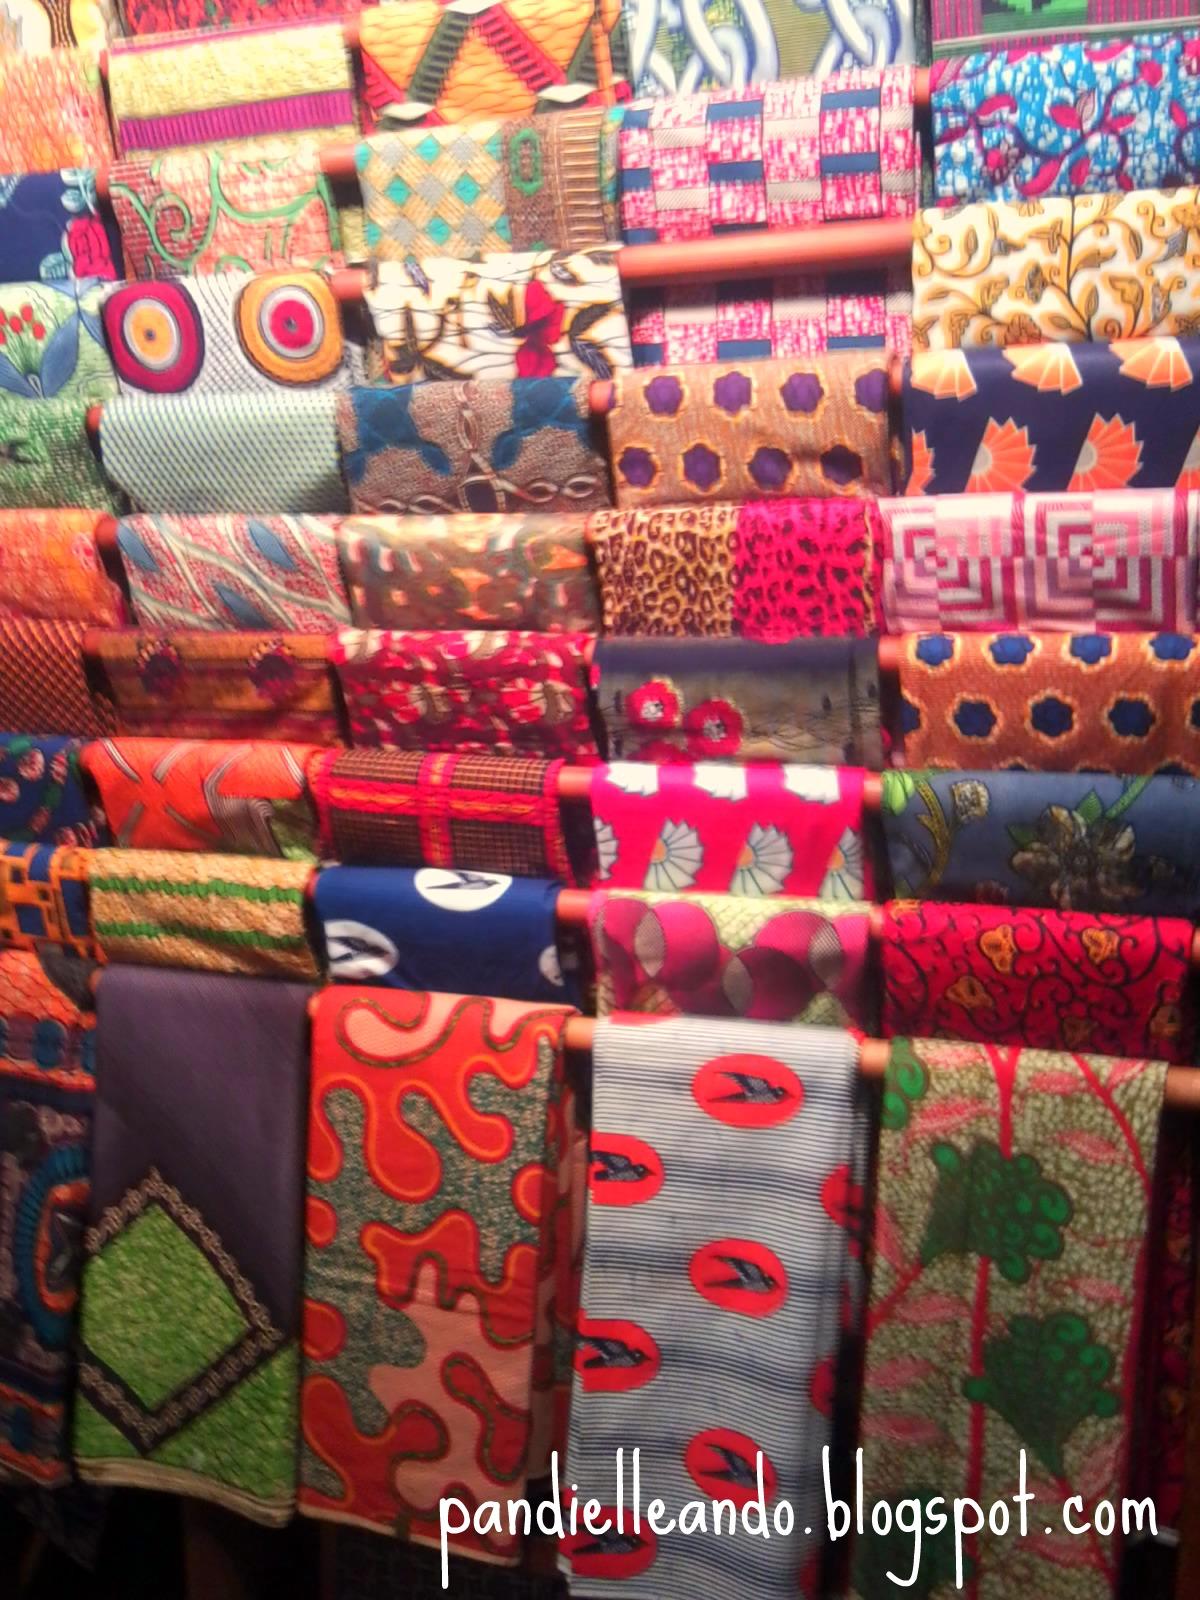 Pandielleando de telas por barcelona - Telas africanas barcelona ...